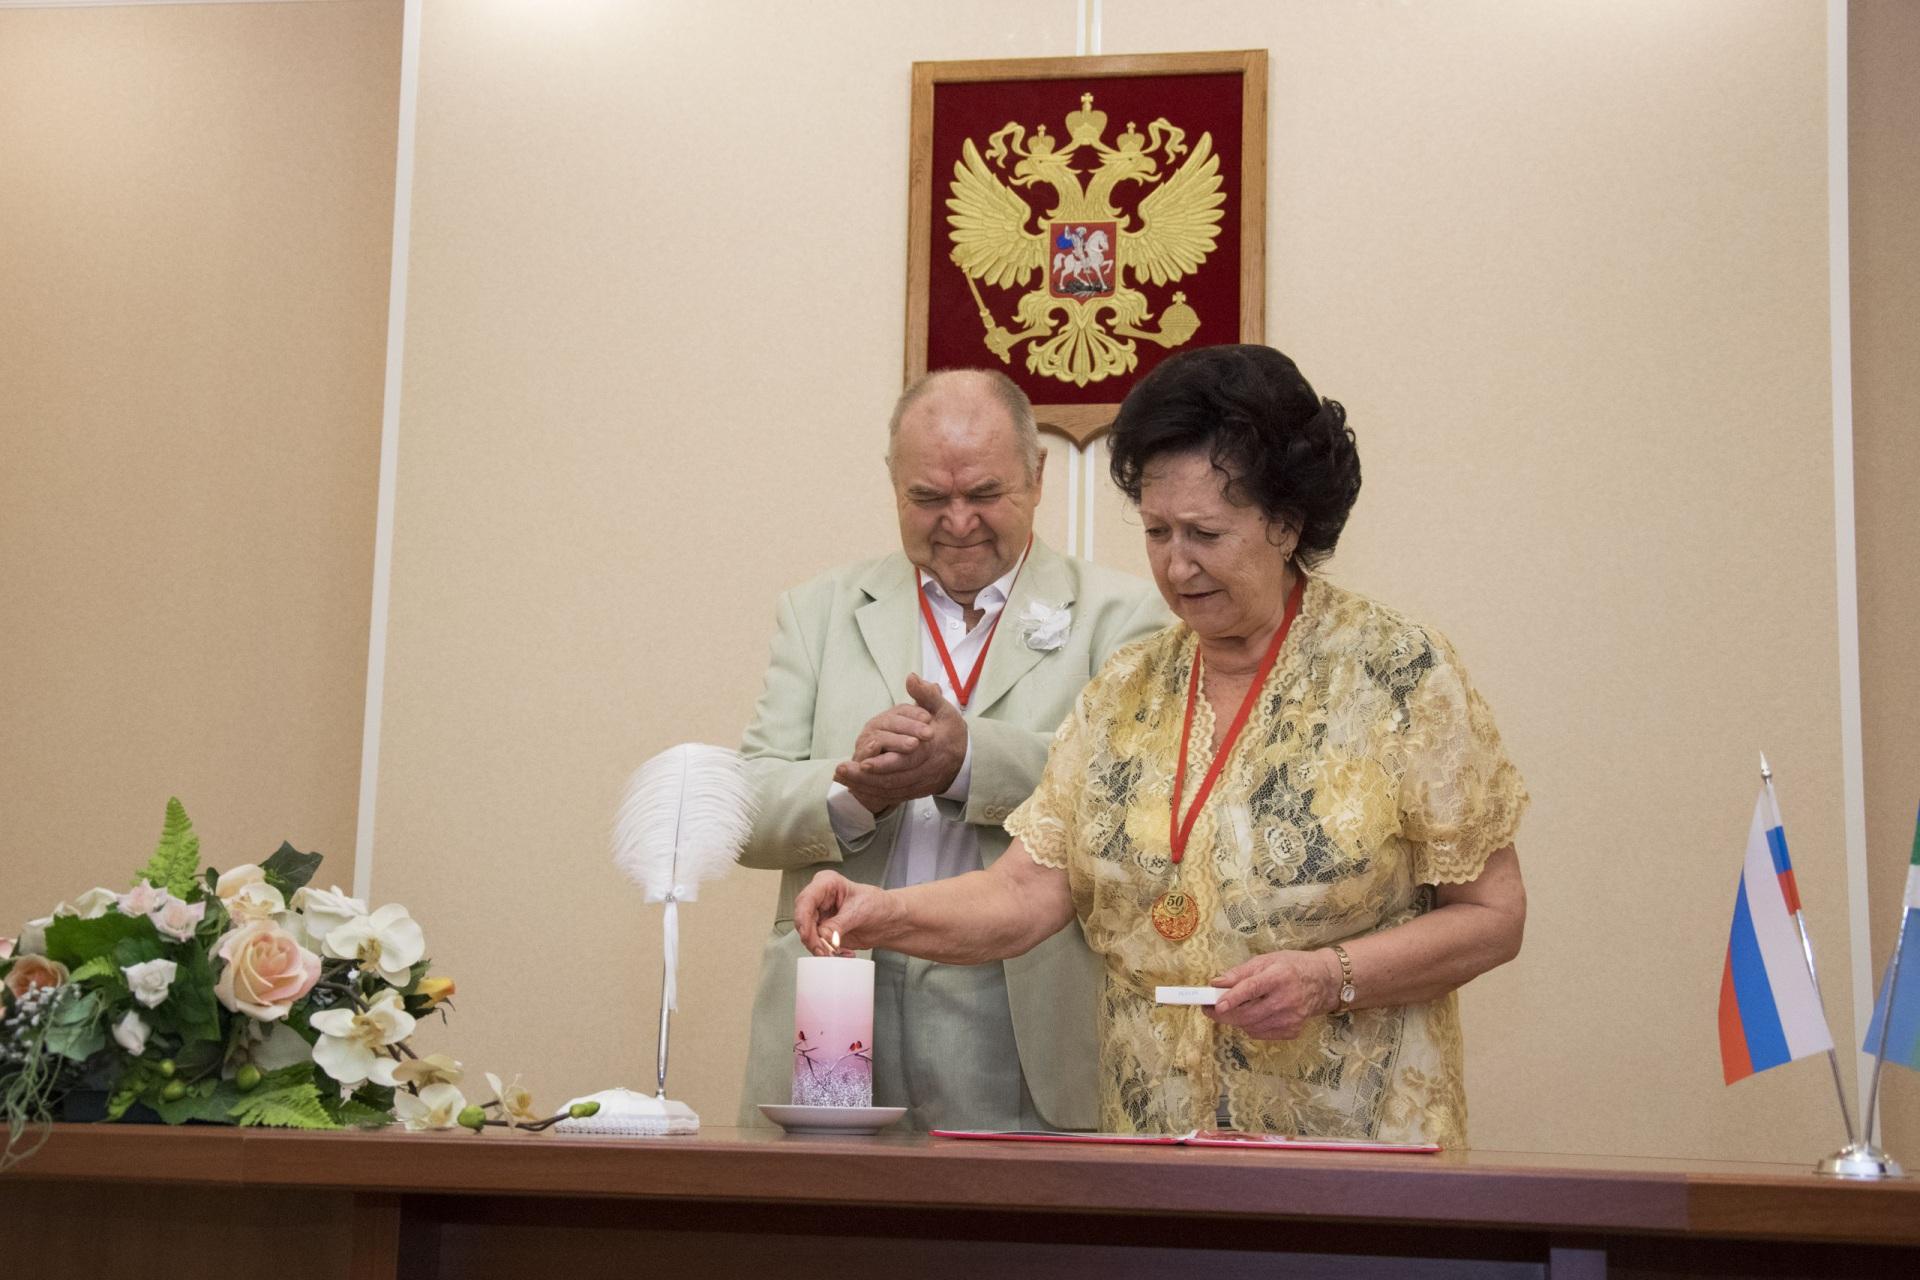 Золотые свадебные юбиляры из Ухты получили медали и снова прошли торжественный обряд